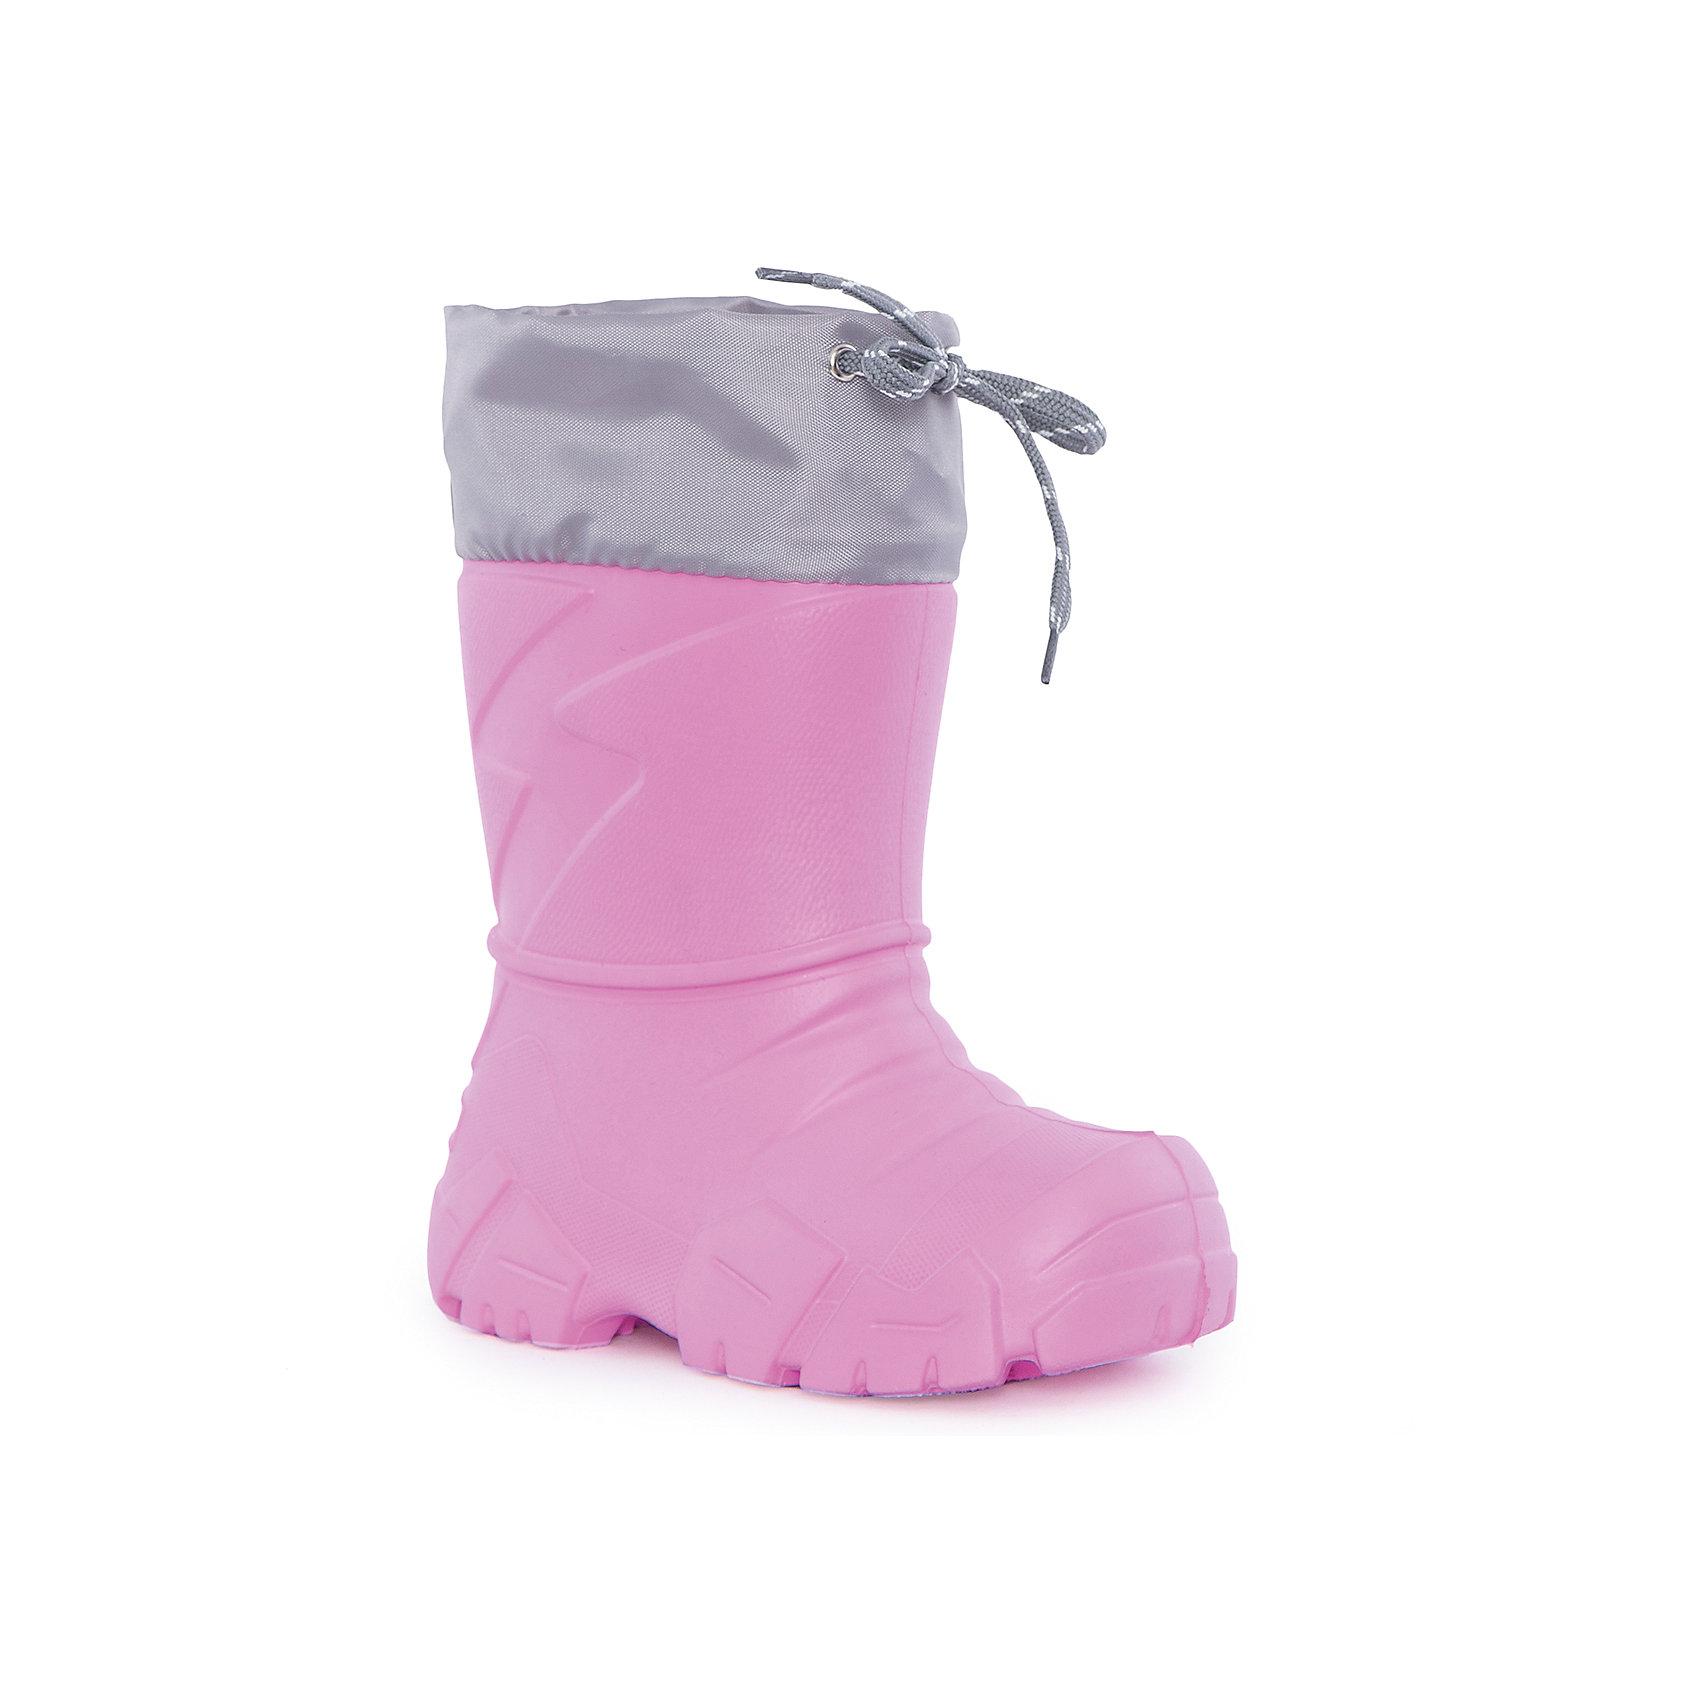 Сапоги для девочки NordmanХарактеристики товара:<br><br>• цвет: розовый<br>• материал верха: текстиль,  EVA<br>• материал подкладки: мех<br>• материал подошвы:  EVA<br>• подошва не скользит<br>• съемный вкладыш из меха<br>• температурный режим: от -17° до +15° С<br>• верх с утяжкой и стоппером<br>• толстая устойчивая подошва<br>• низ не промокает<br>• страна бренда: Российская Федерация<br>• страна изготовитель: Российская Федерация<br><br>При выборе демисезонной и зимней обуви для ребенка необходимо убедиться, что она удобная и теплая. Такие сапожки обеспечат детям комфорт даже в мороз, а непромокающая нижняя часть  оставит ножки в сухости. Сапожки легко снимаются и надеваются, хорошо сидят на ноге. Внутри - специальная теплая подкладка, с которой холода не страшны!<br>Обувь от бренда Nordman - это качественные российские товары, произведенные с применением как натуральных, так и высокотехнологичных материалов. Обувь выделяется стильным дизайном и проработанными деталями. Полностью адаптирована под российскую погоду! Изделие производится из качественных и проверенных материалов, которые безопасны для детей.<br><br>Сапоги для девочки от бренда Nordman можно купить в нашем интернет-магазине.<br><br>Ширина мм: 257<br>Глубина мм: 180<br>Высота мм: 130<br>Вес г: 420<br>Цвет: розовый<br>Возраст от месяцев: 84<br>Возраст до месяцев: 96<br>Пол: Женский<br>Возраст: Детский<br>Размер: 30/31,24/25,26/27<br>SKU: 5219790